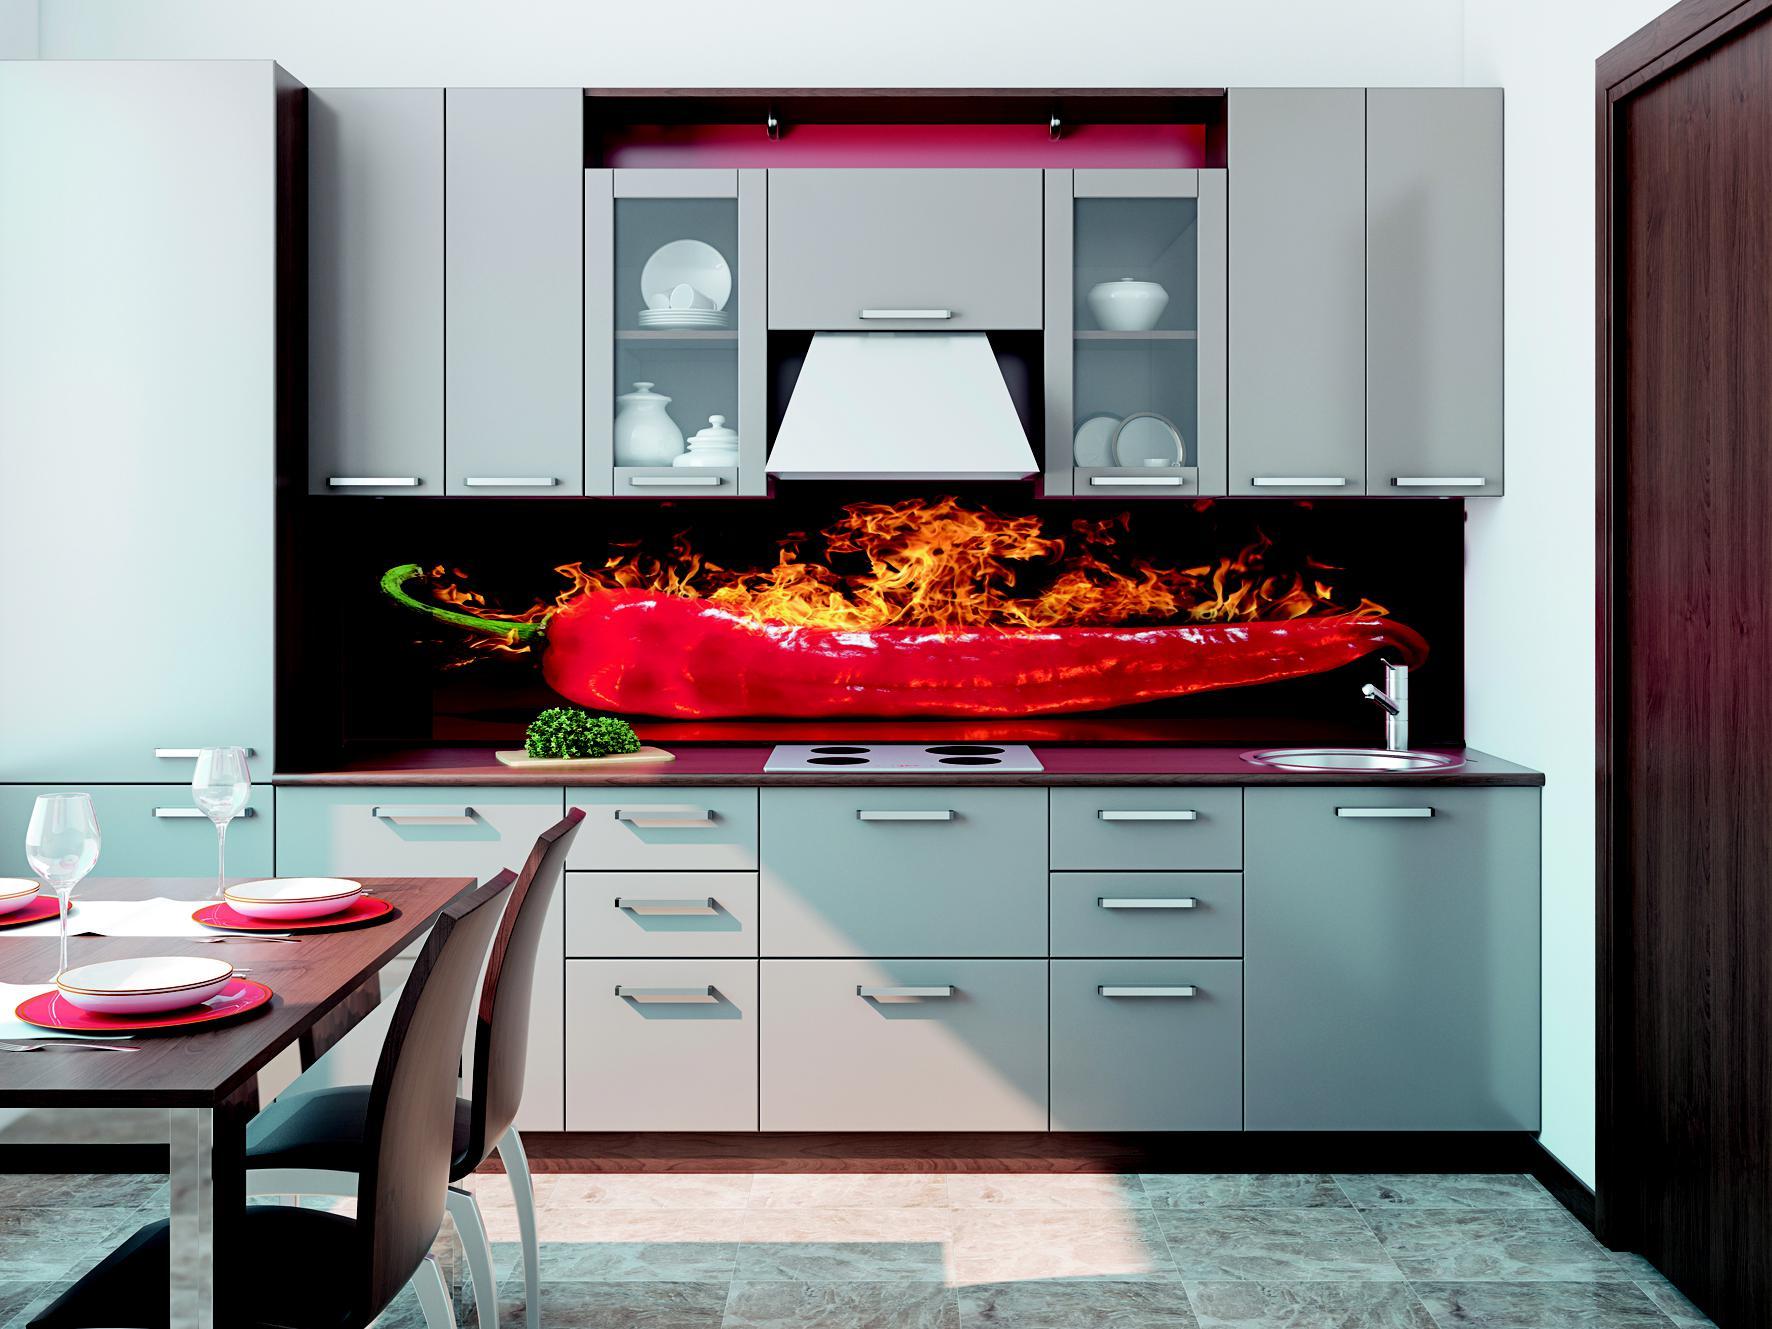 Anleitung fachgerechte Befestigung Küchenrückwand | Frag Mutti